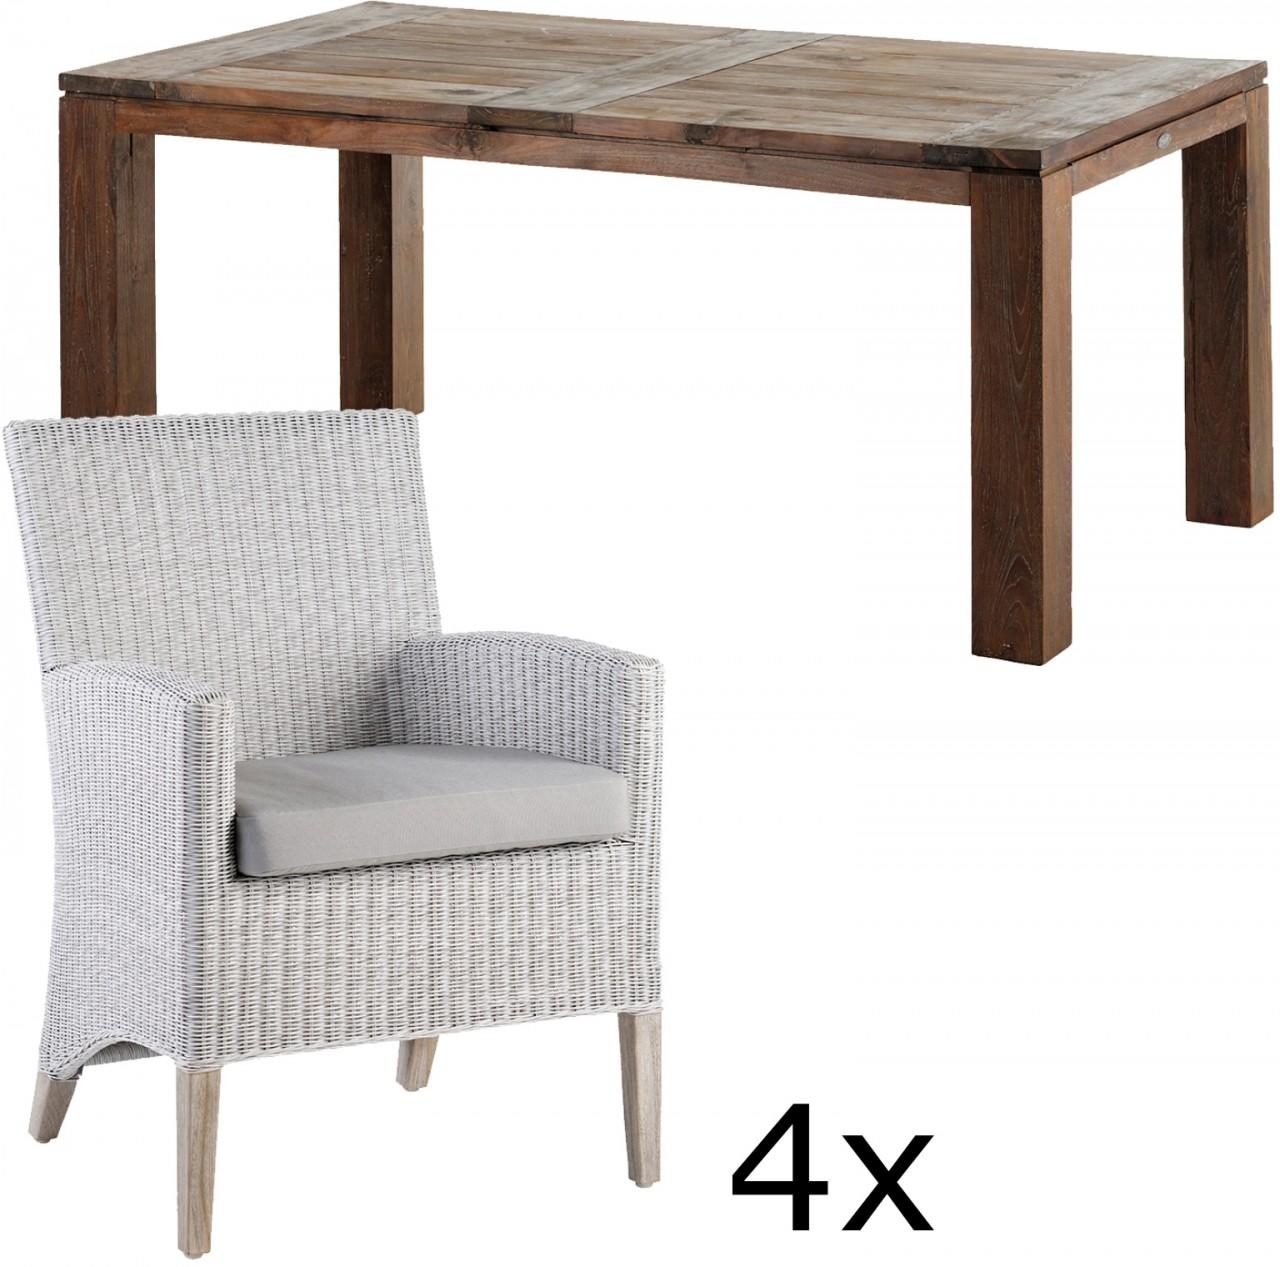 ergebnisse zu chateau. Black Bedroom Furniture Sets. Home Design Ideas